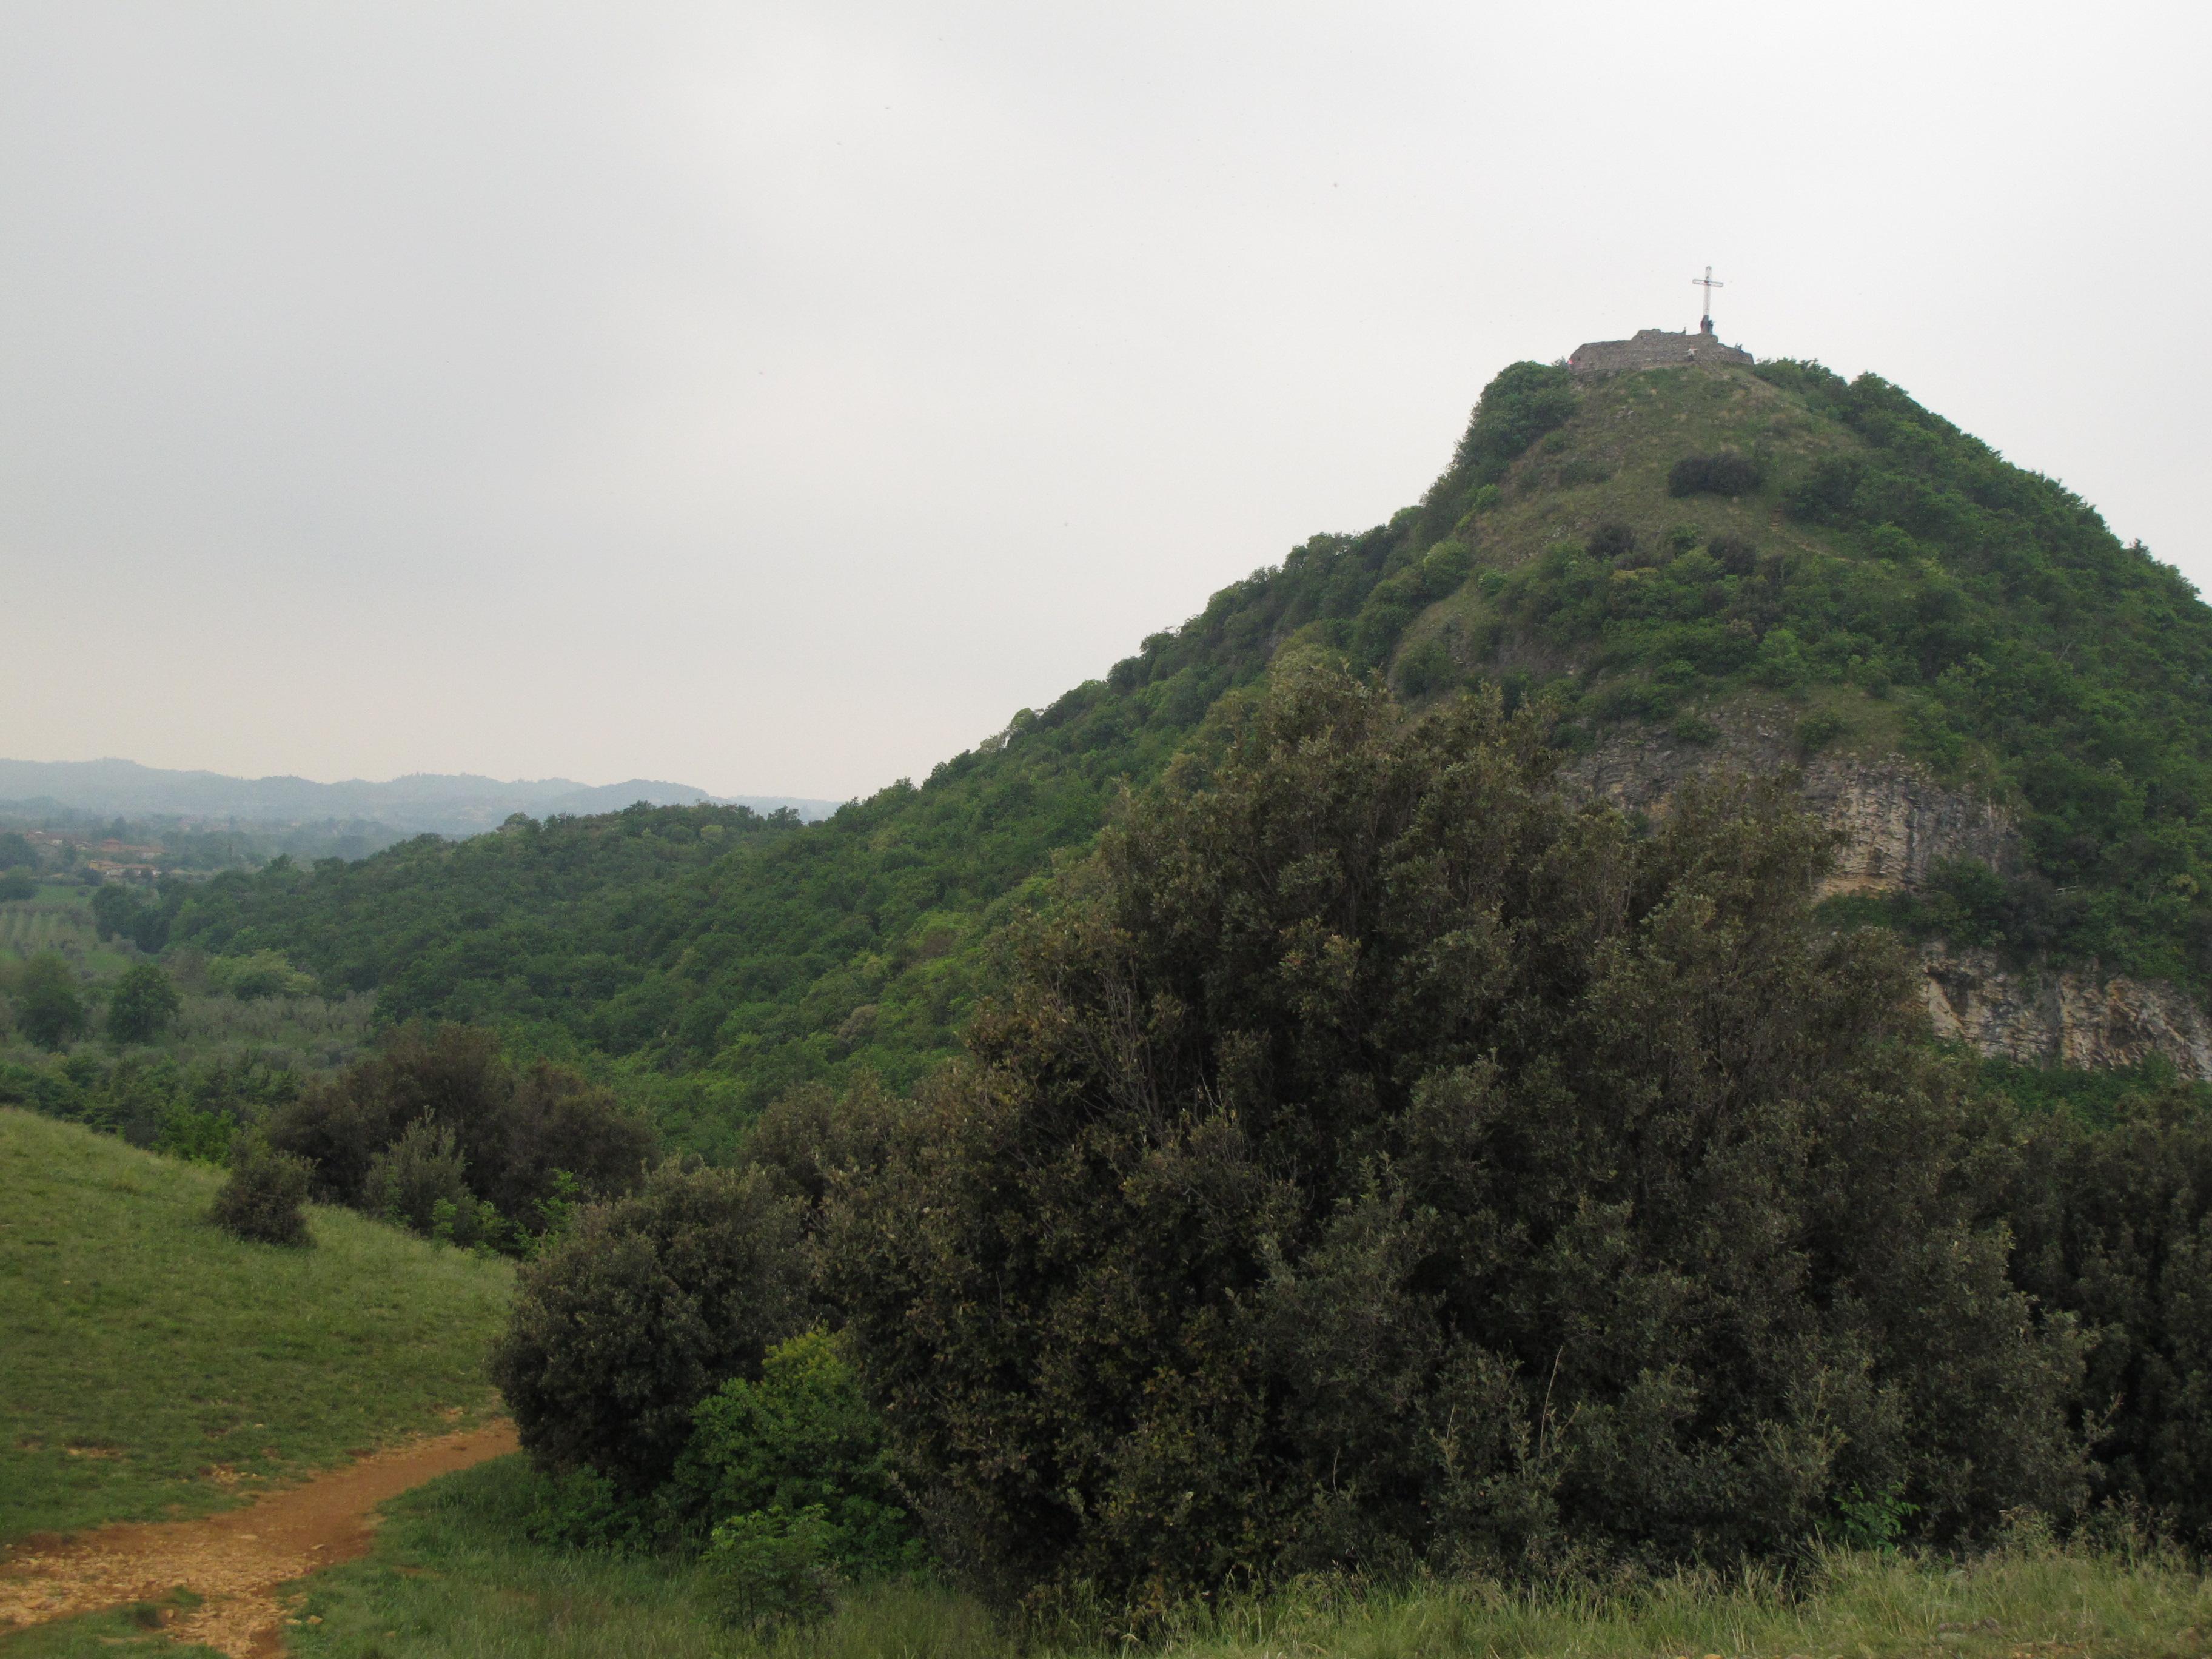 Visita ai luoghi gardesani_03 maggio 2015_57.JPG